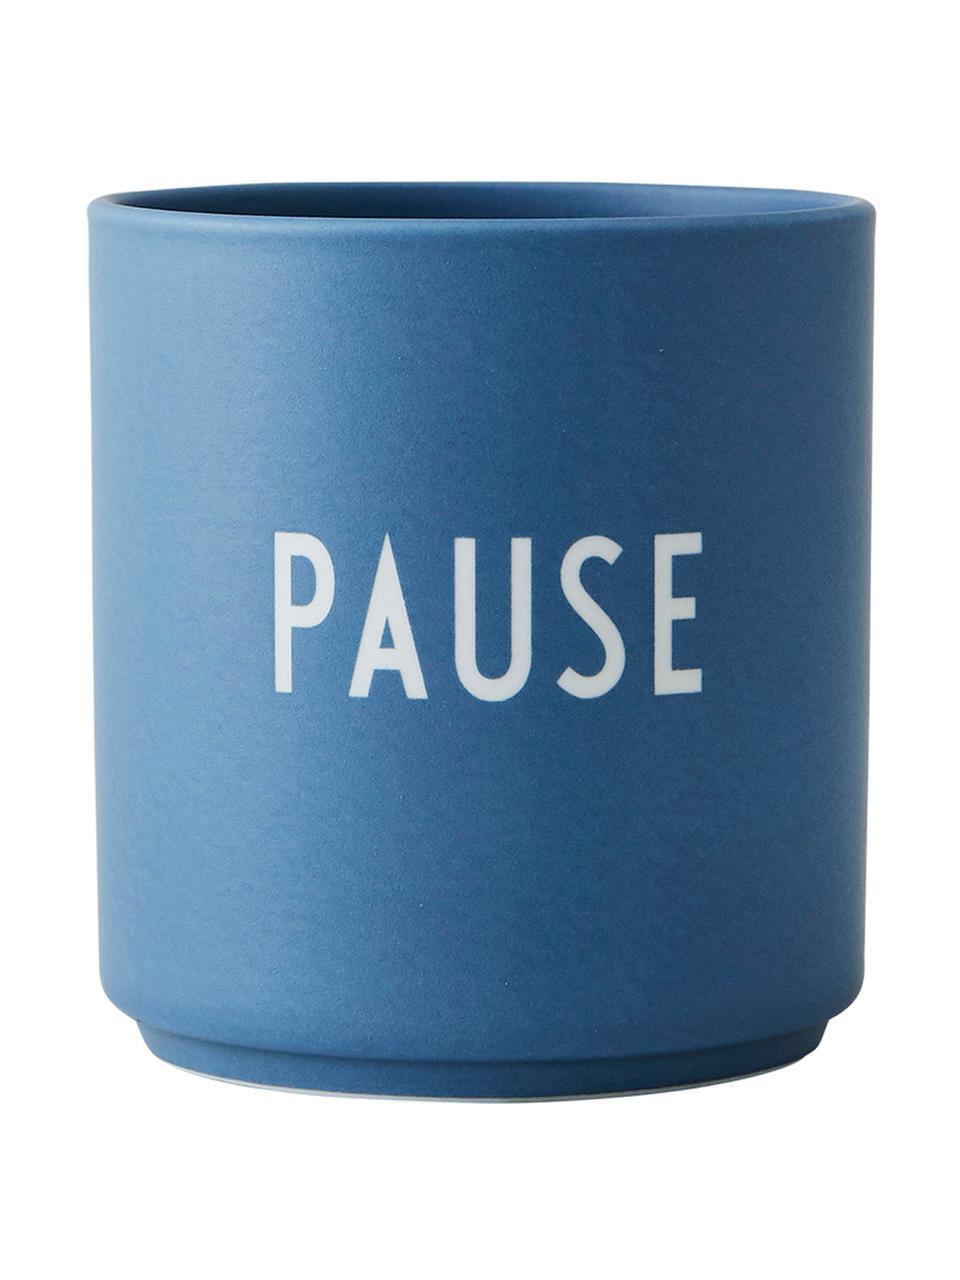 Design Becher Favourite PAUSE in Blau mit Schriftzug, Fine Bone China (Porzellan) Fine Bone China ist ein Weichporzellan, das sich besonders durch seinen strahlenden, durchscheinenden Glanz auszeichnet., Blau, Weiß, Ø 8 x H 9 cm